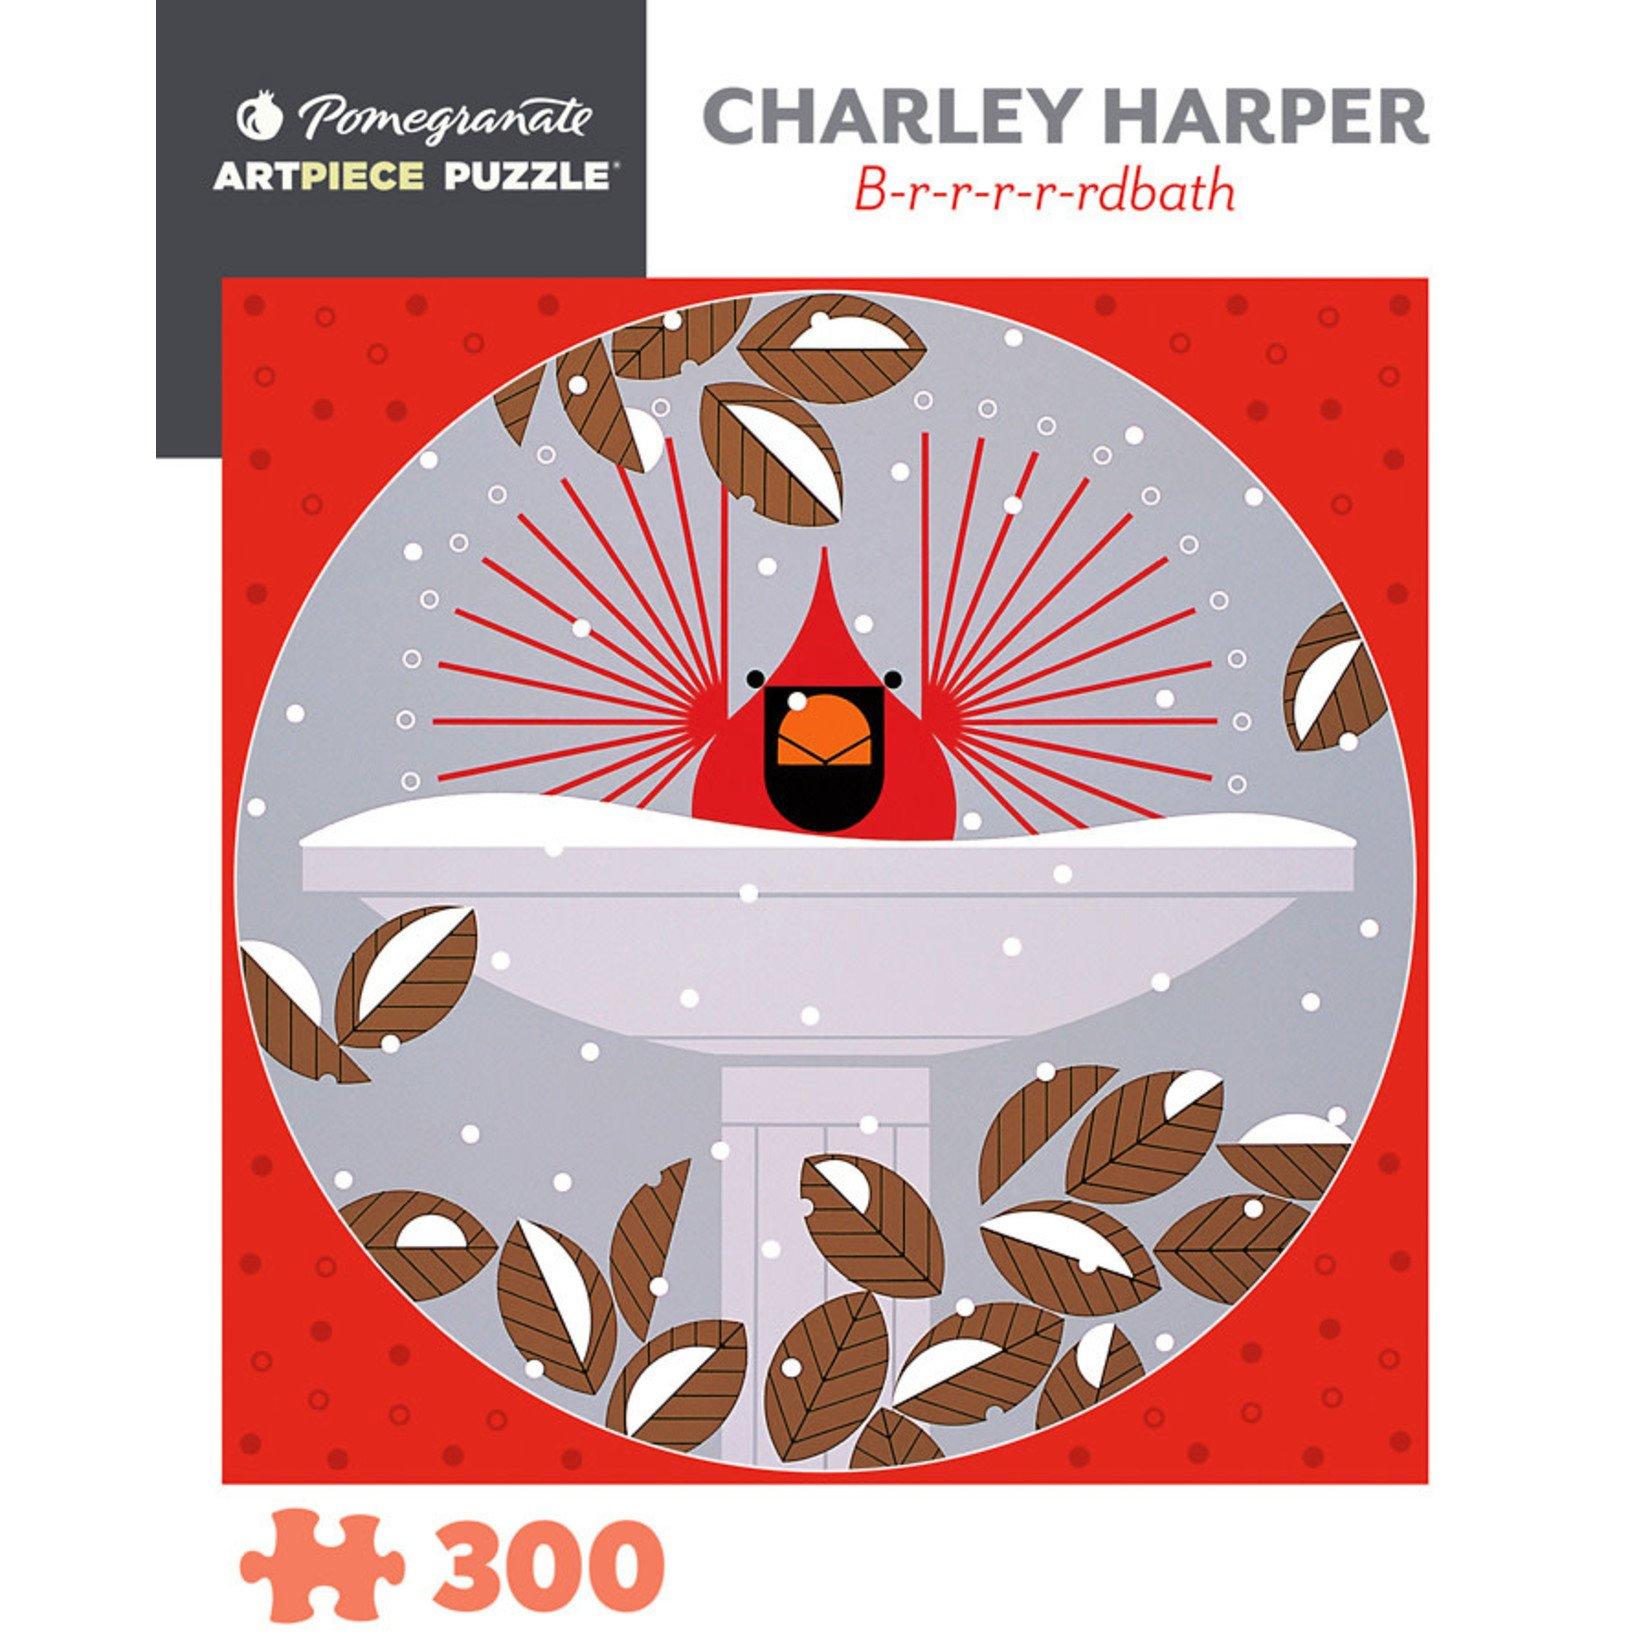 Pomegranate Puzzles B-r-r-r-r-rdbath, C Harper 300pc